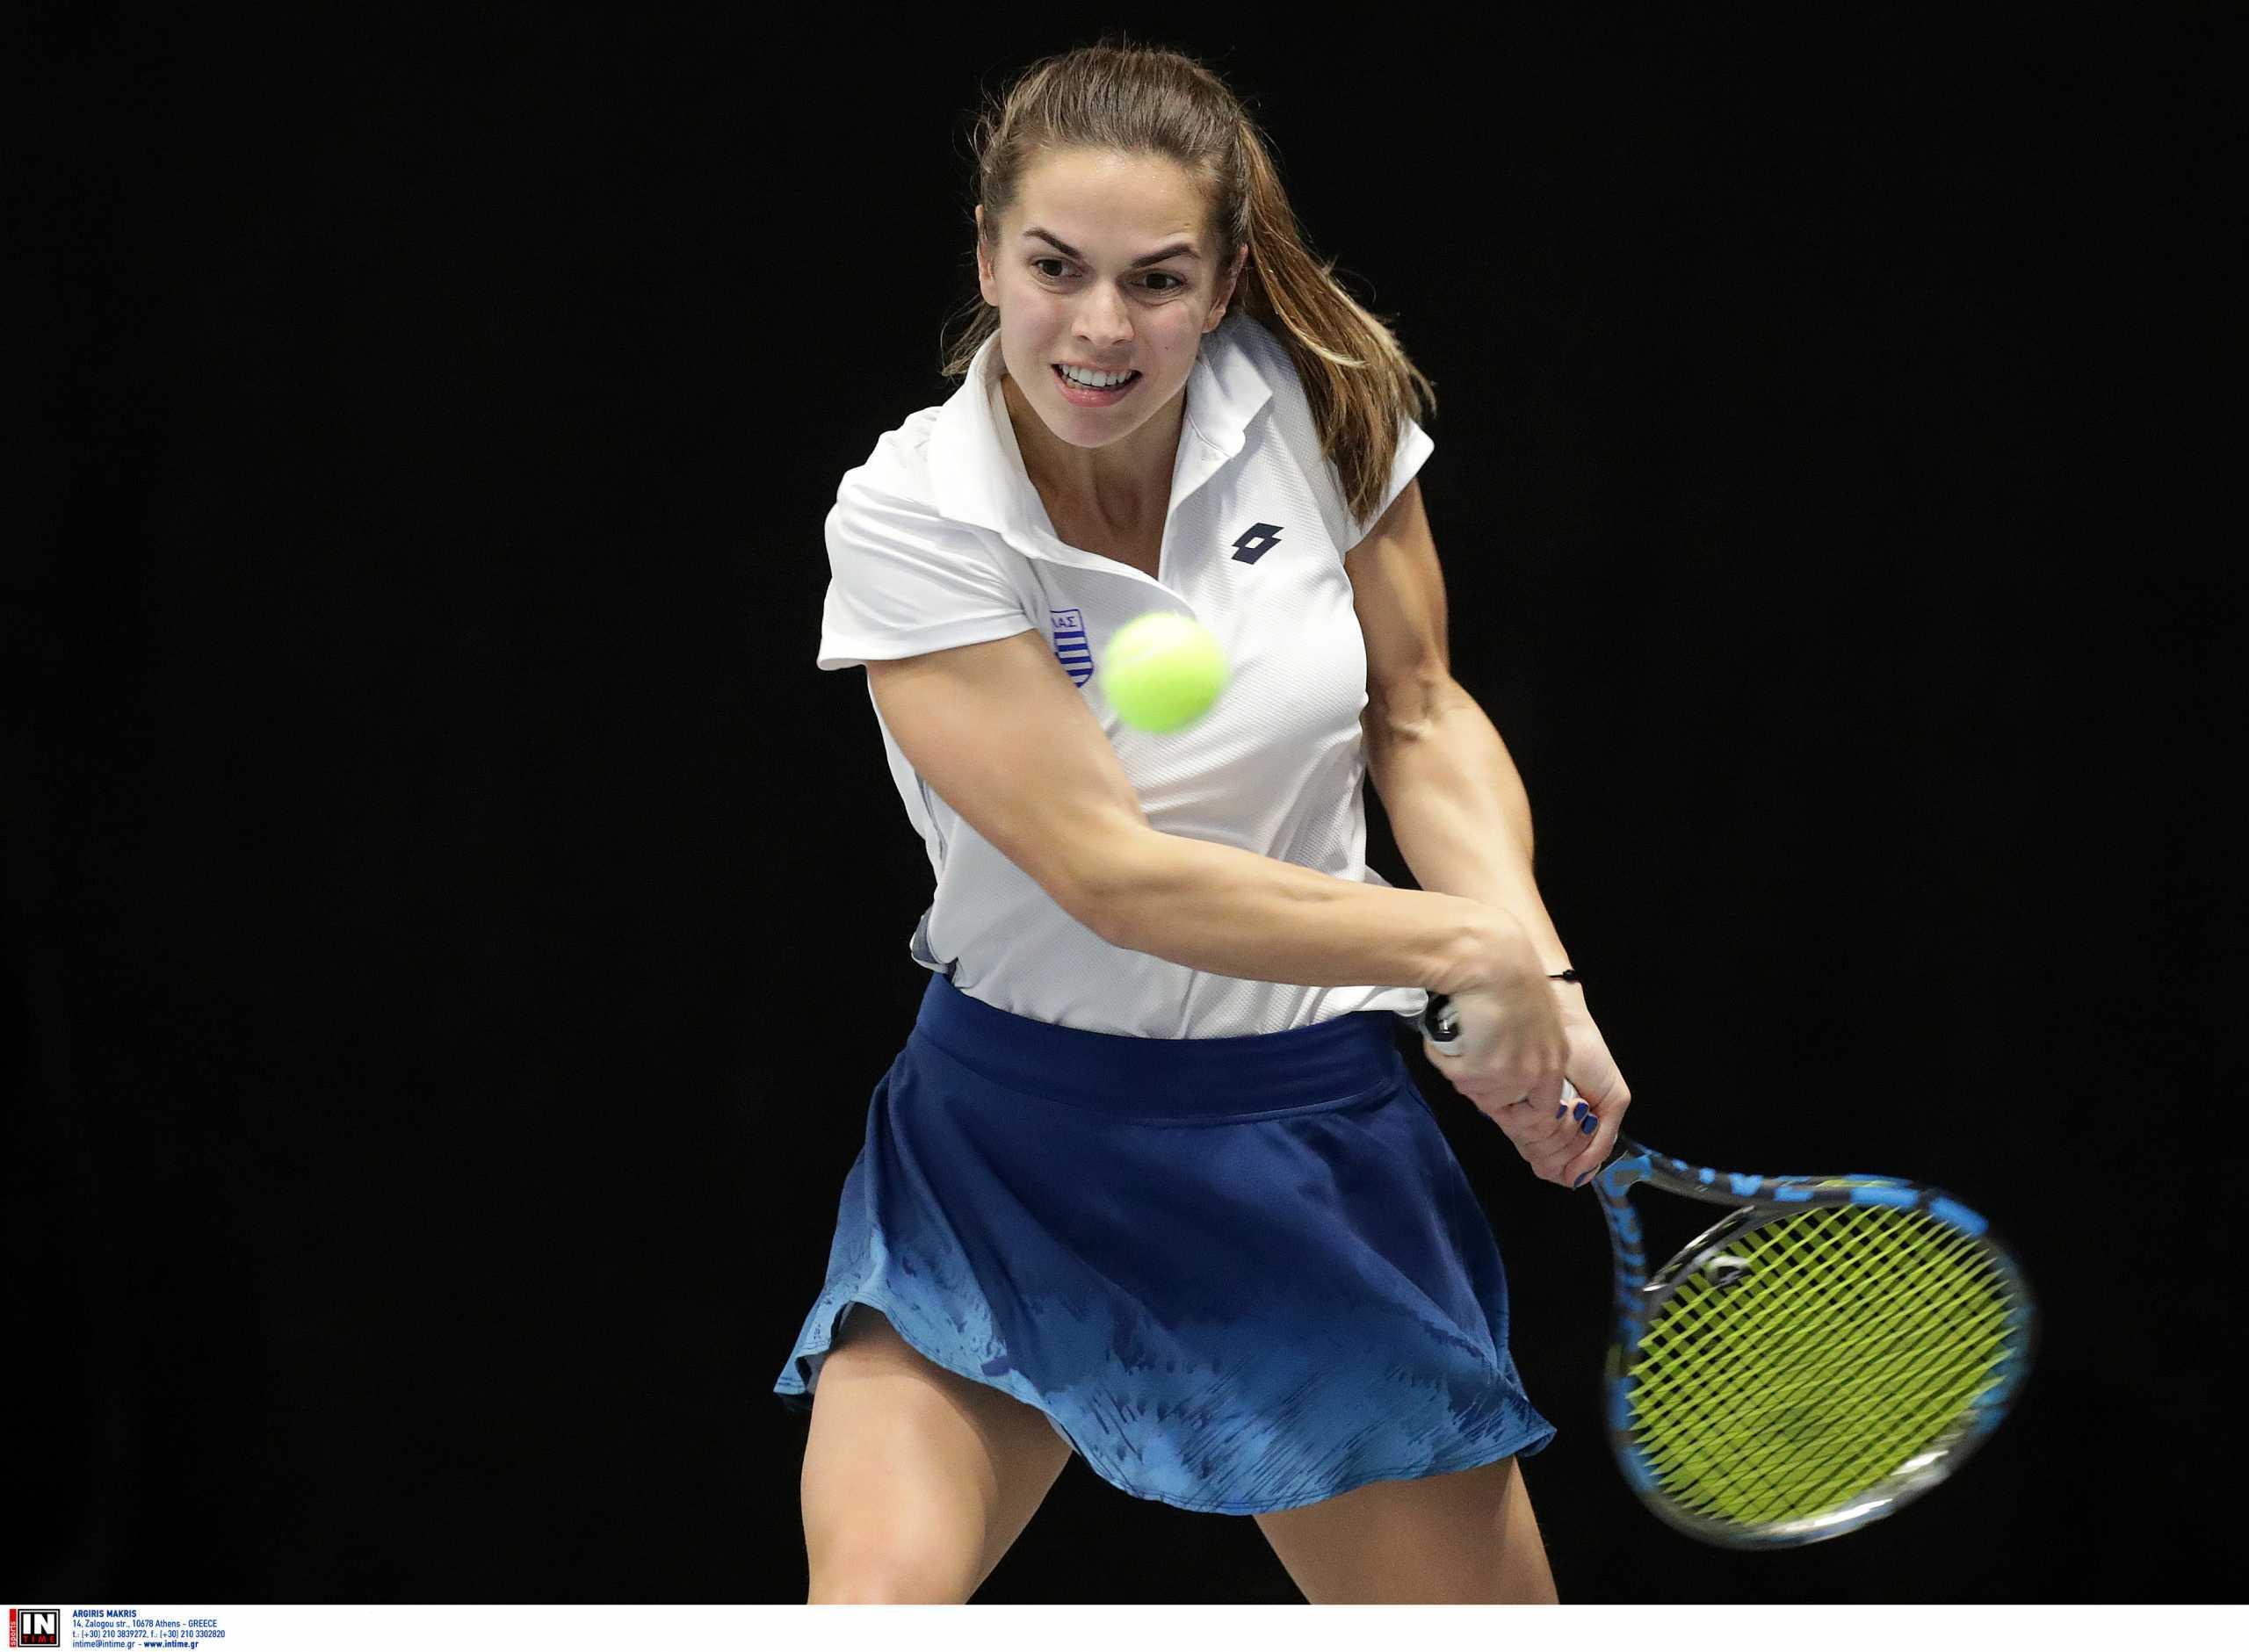 Η Βαλεντίνη Γραμματικοπούλου διέλυσε την Μπλίνκοβα και προκρίθηκε στον δεύτερο γύρο του US Open